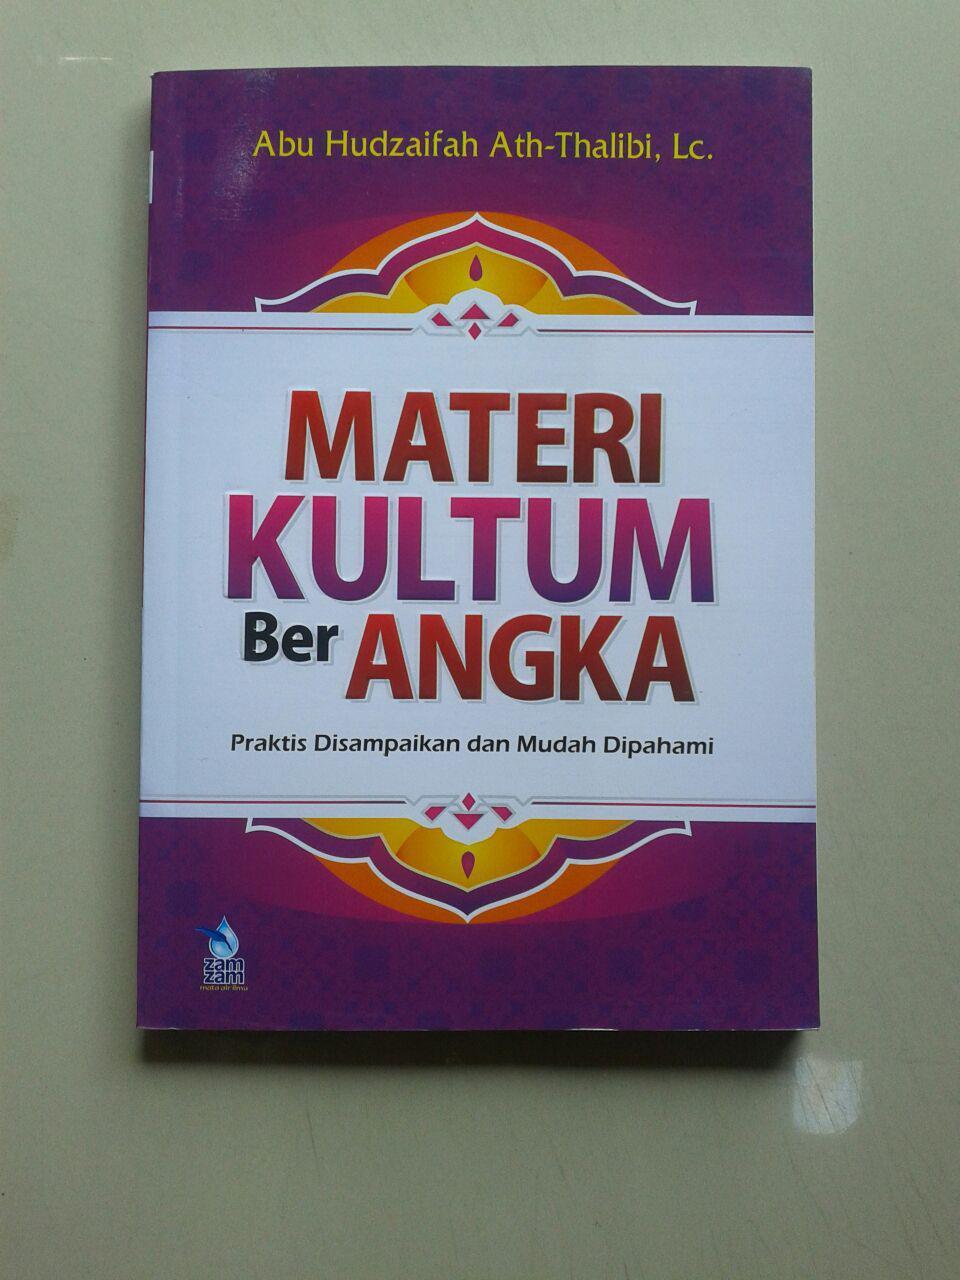 Buku Materi Kultum Ber Angka Praktis Disampaikan & Mudah Dipahami cover 2